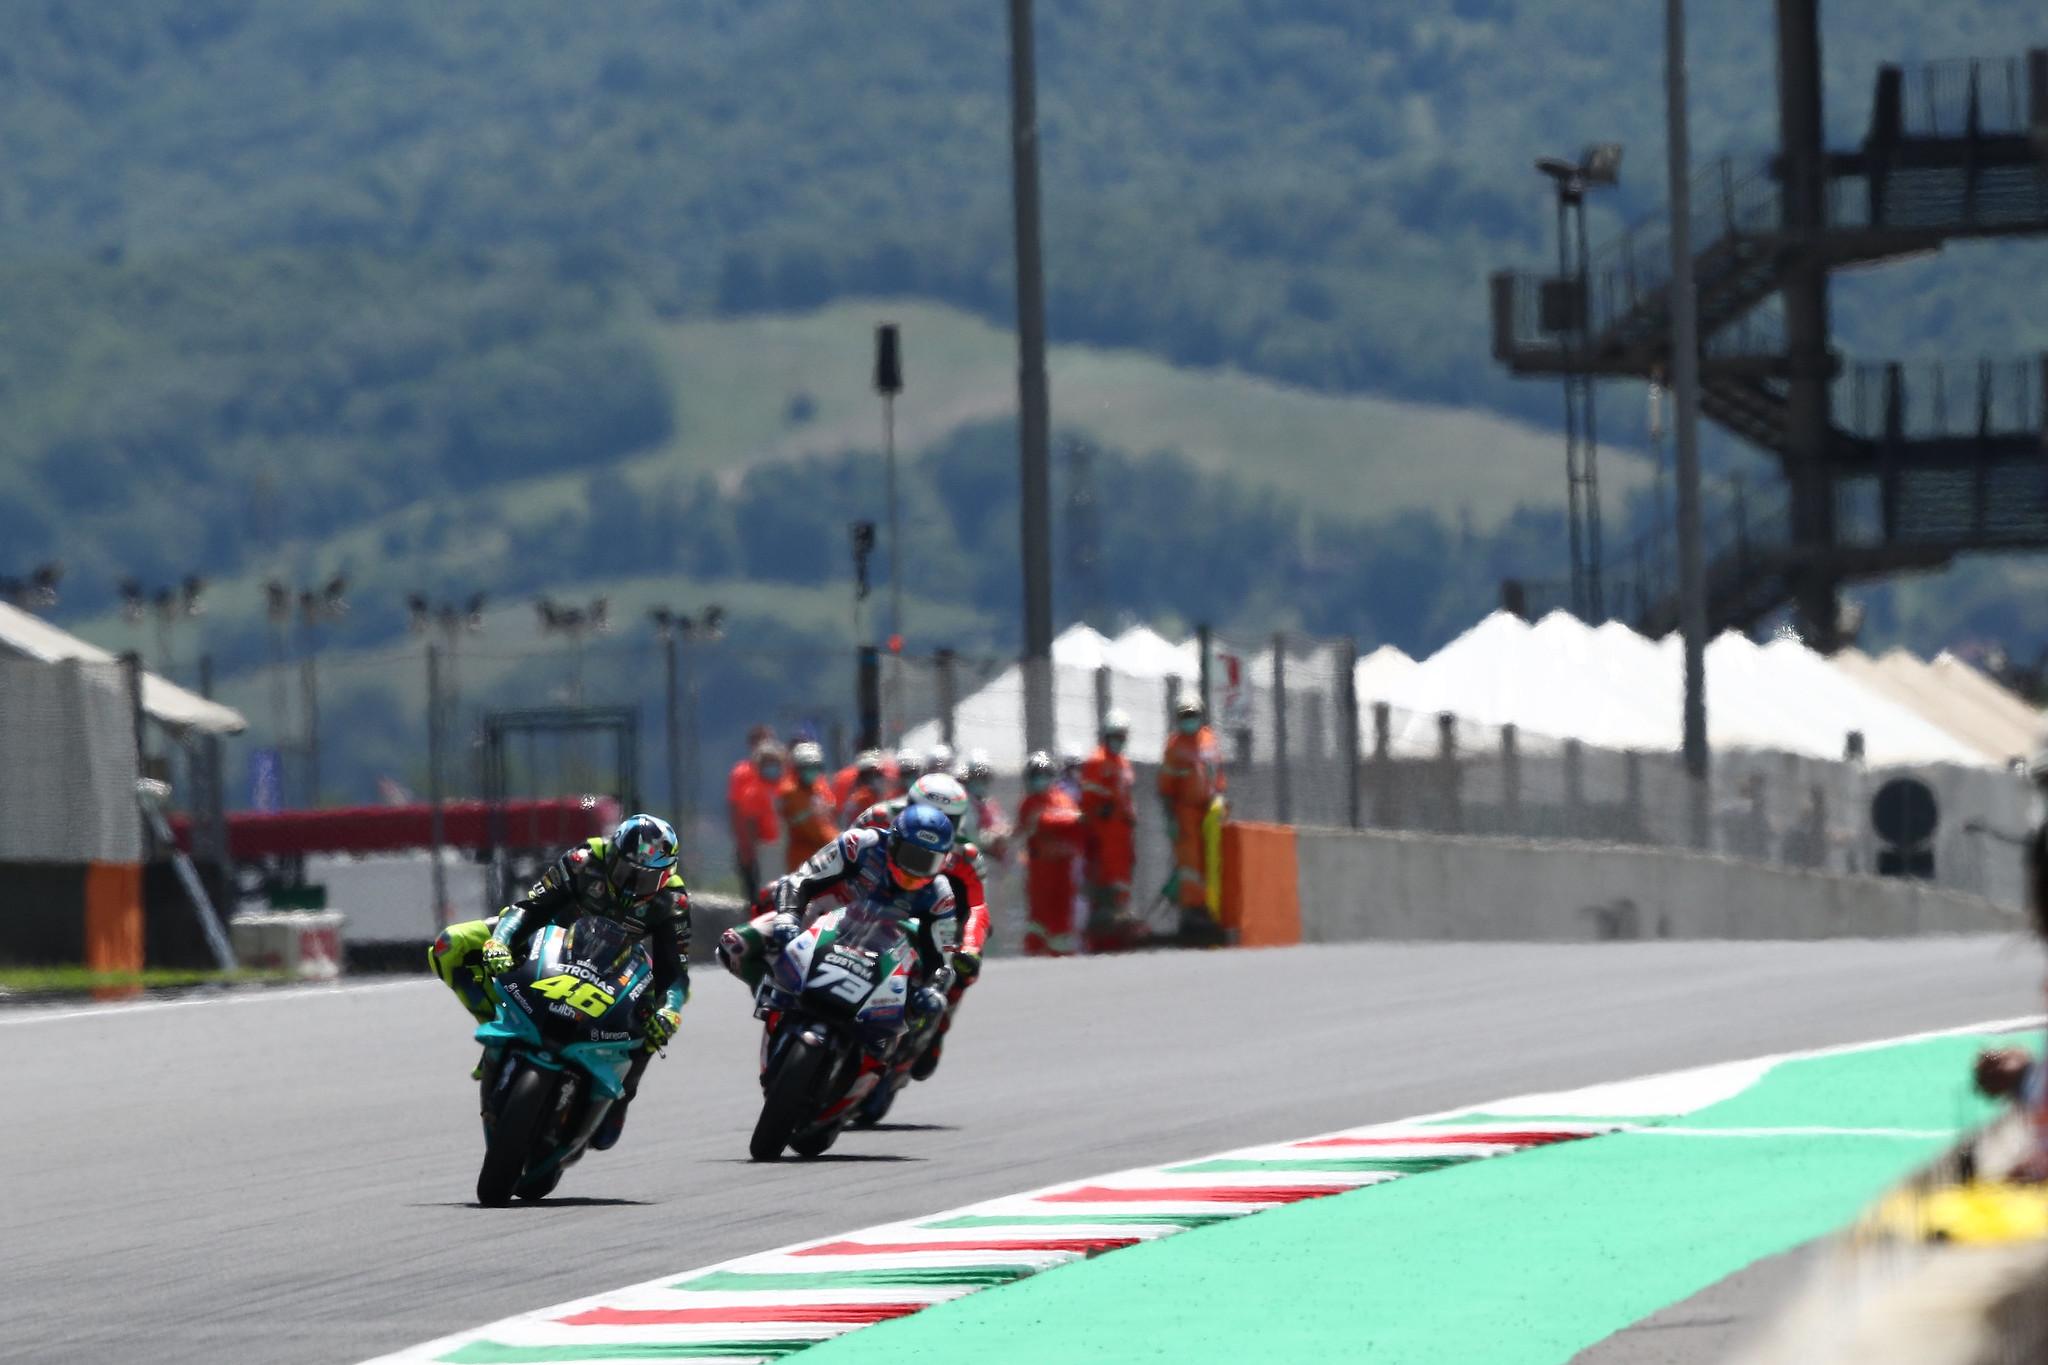 MotoGP2021イタリアGP 10位バレンティーノ・ロッシ「素晴らしい結果ではないがポイント獲得は出来た」